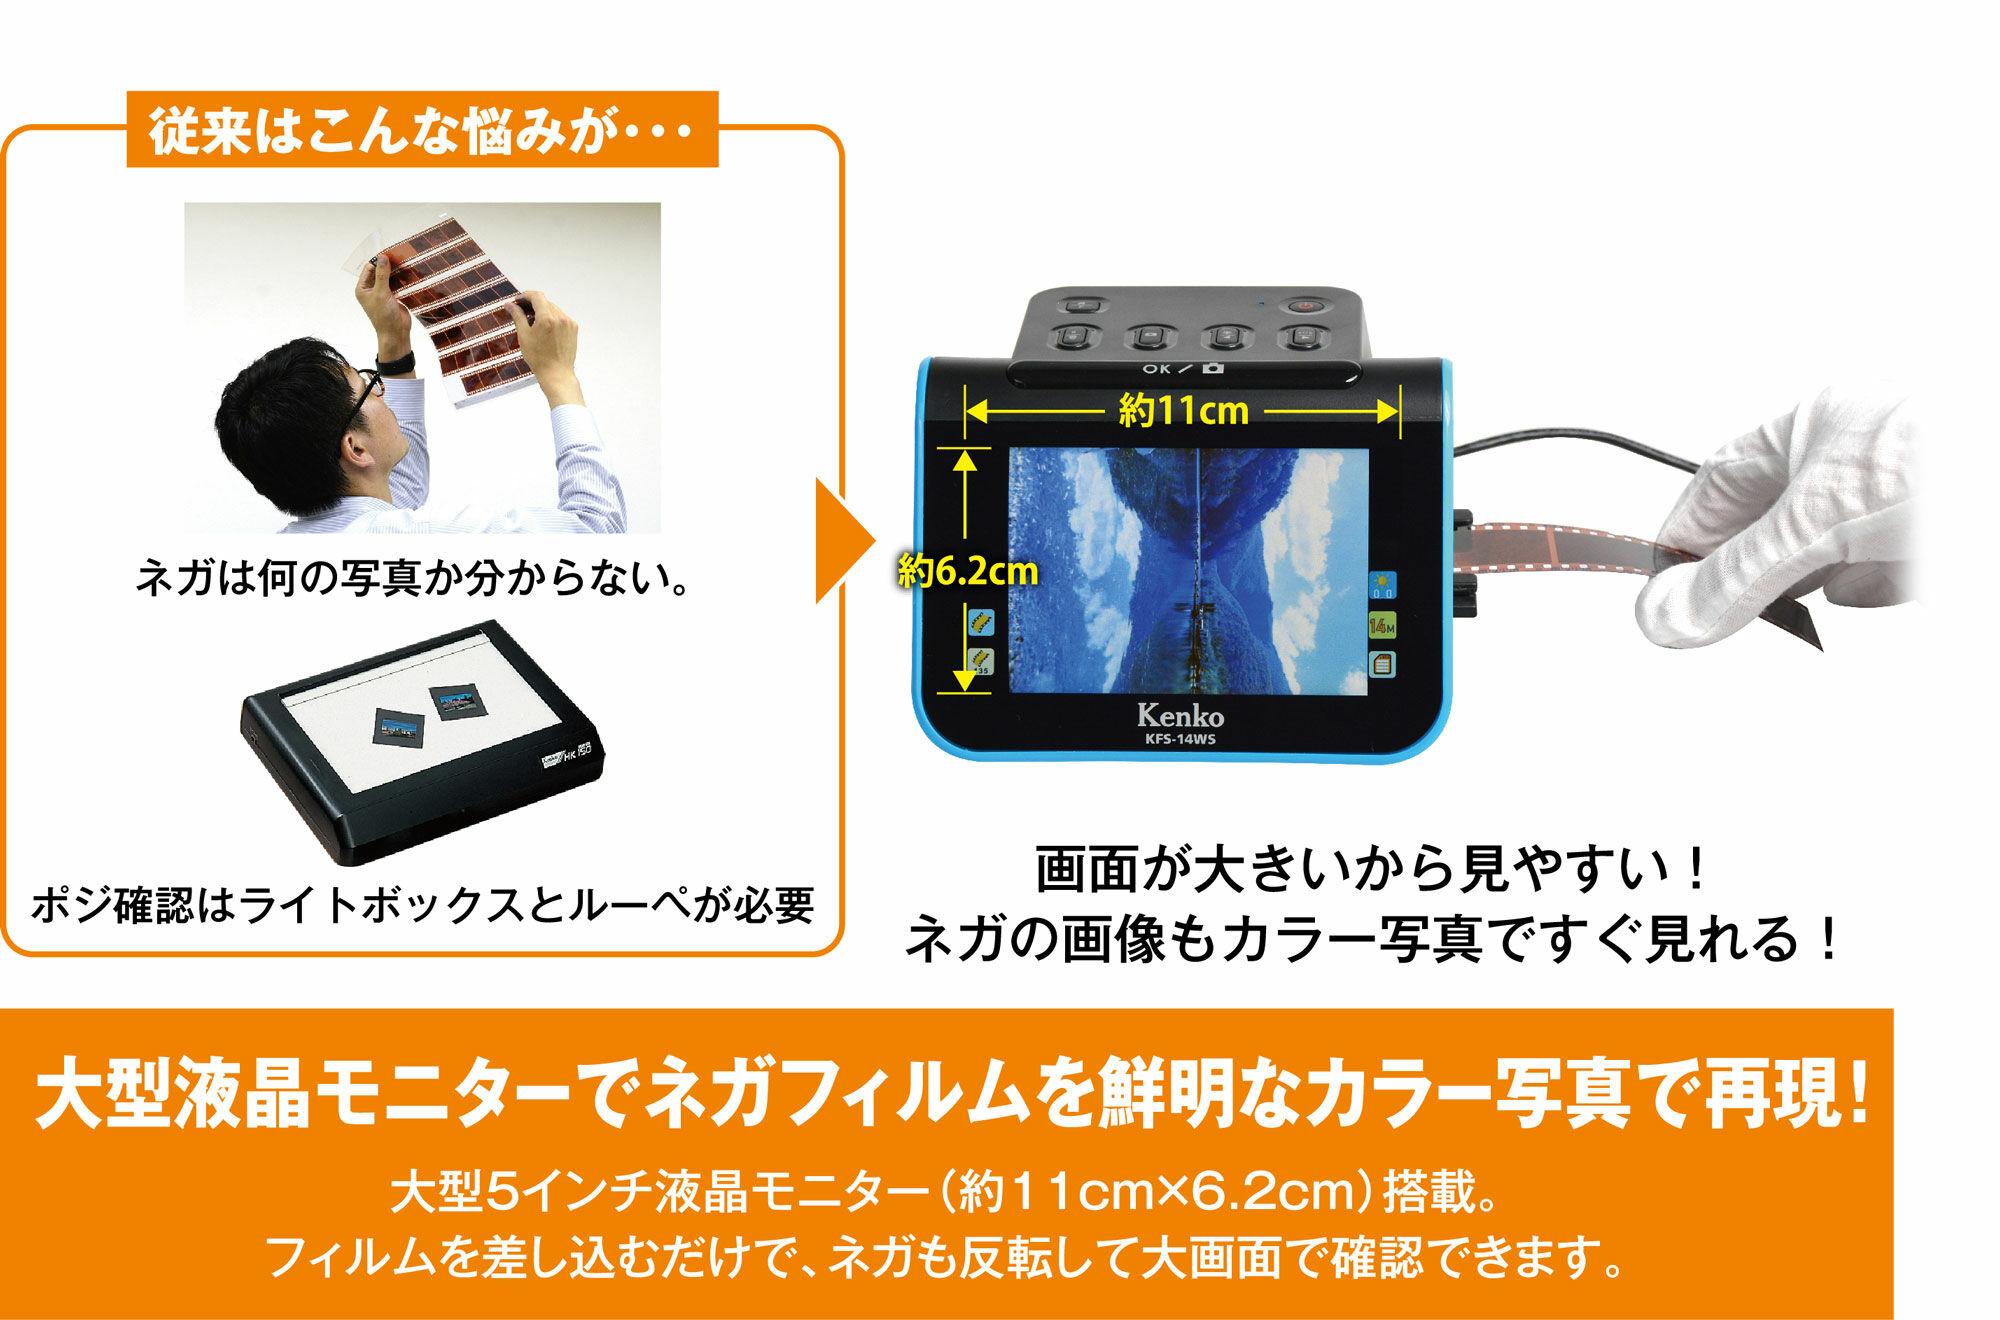 https://www.kenko-tokina.co.jp/pc/mt-images/4961607439395_features02.jpg